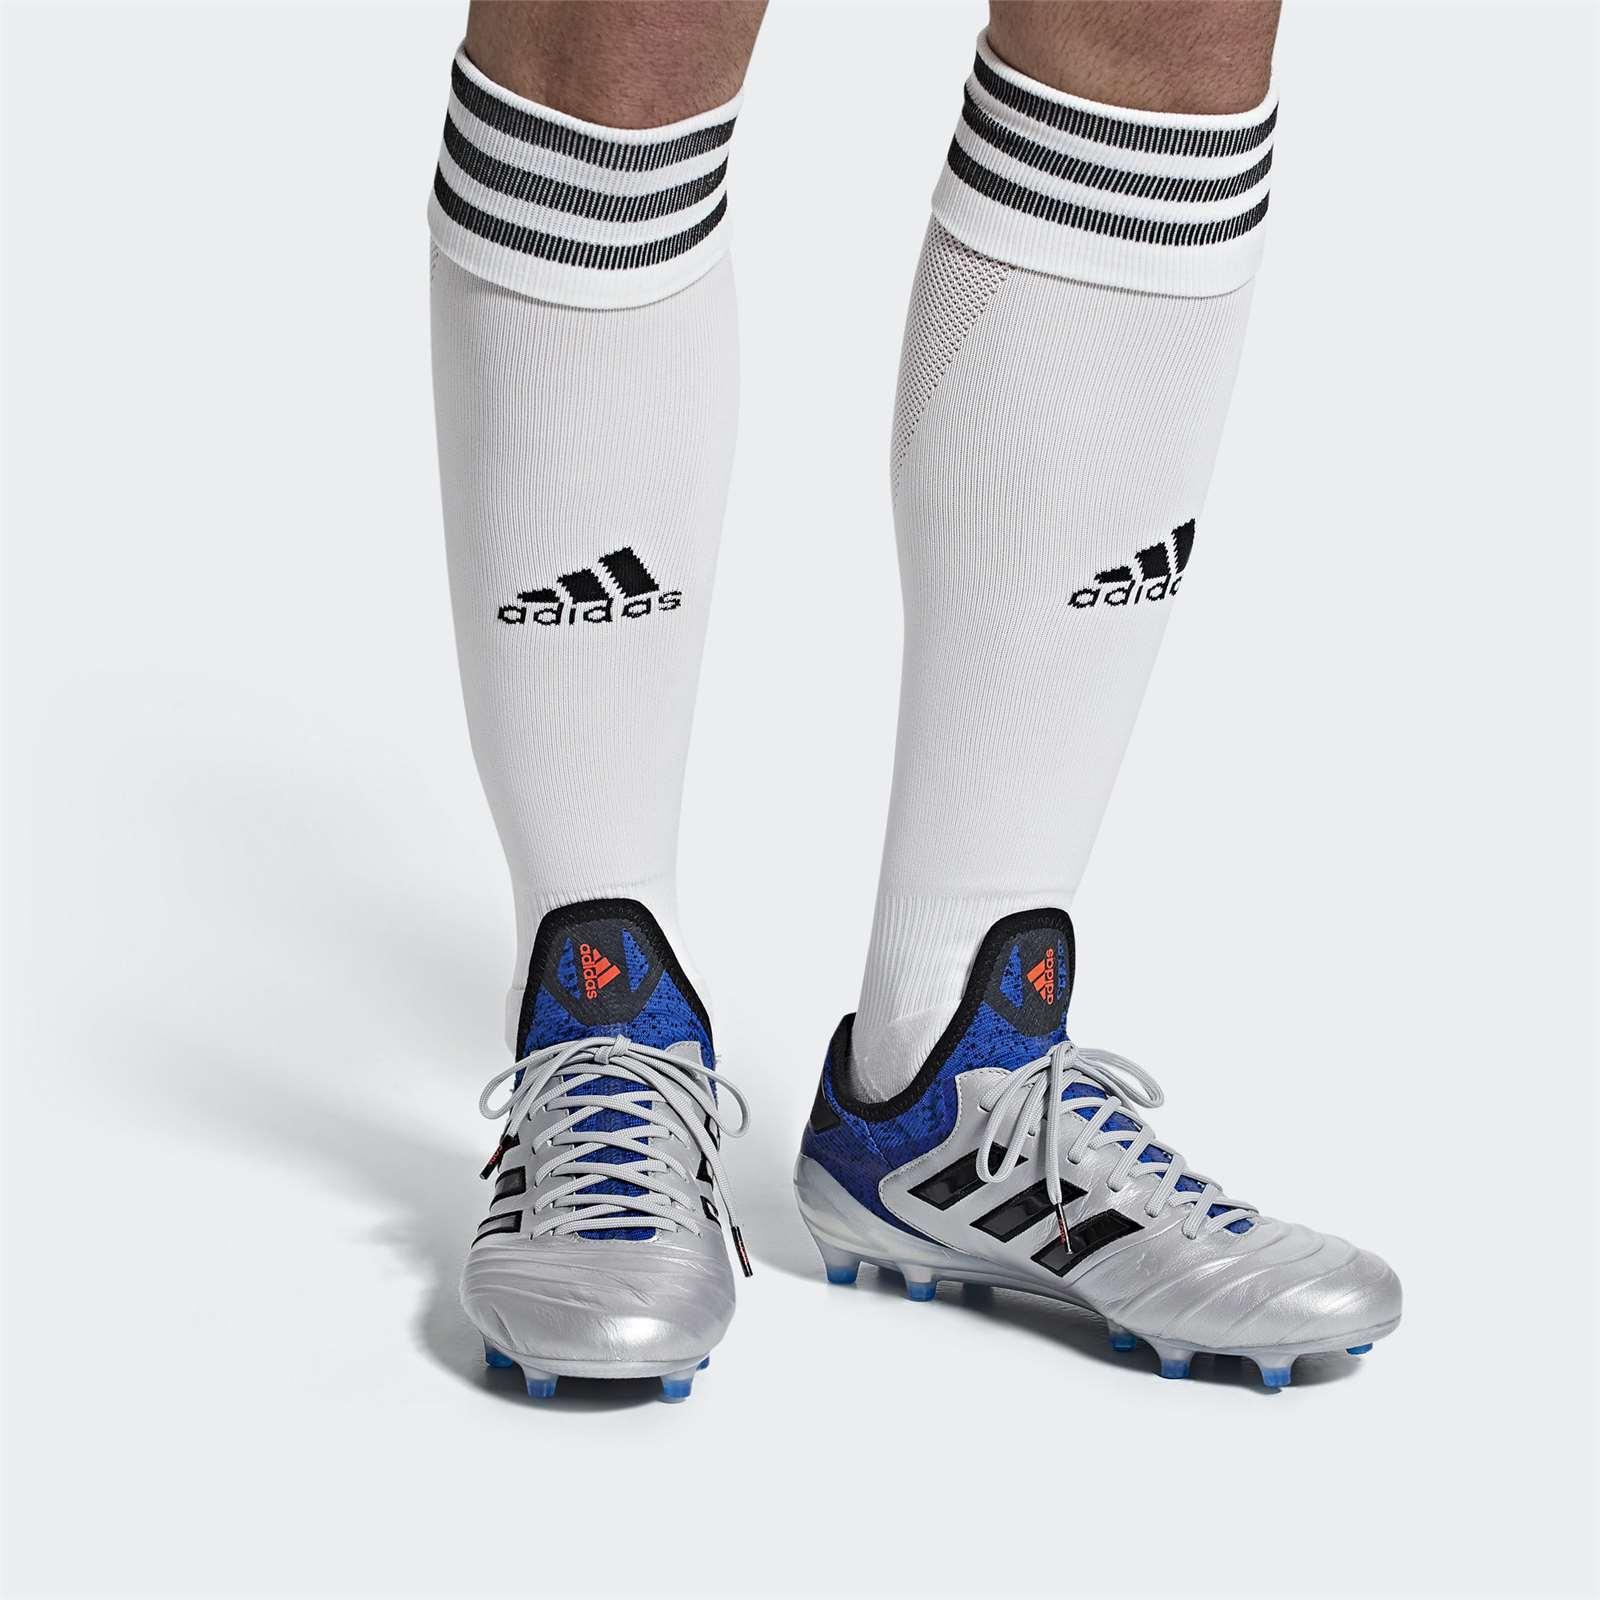 Nuevas Adidas para hombre Copa 18.1 Tierra Firme Botines de fútbol